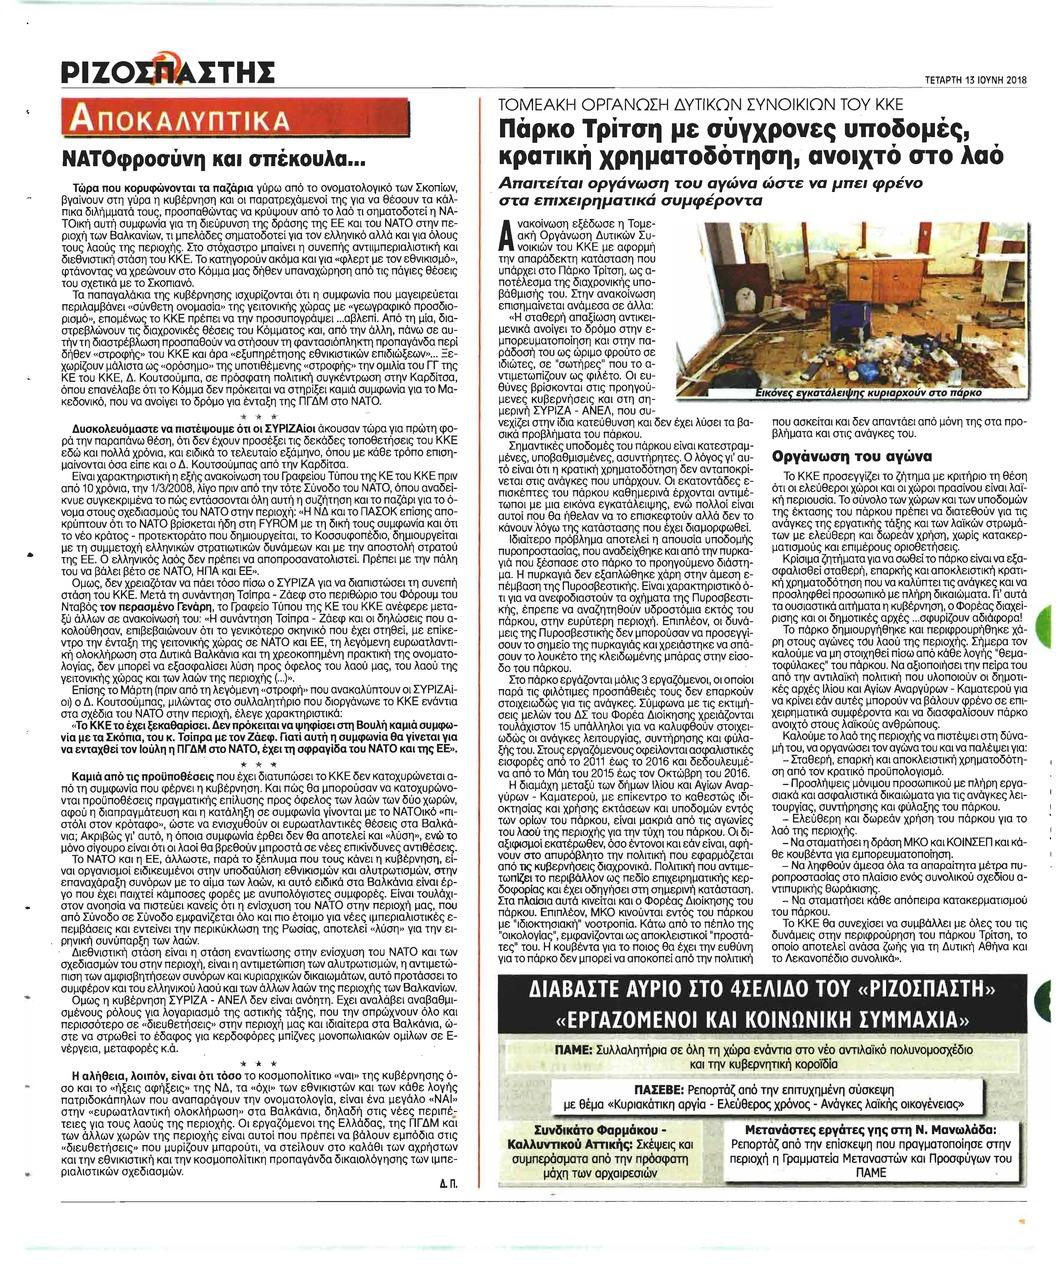 Οπισθόφυλλο εφημερίδας Ριζοσπάστης